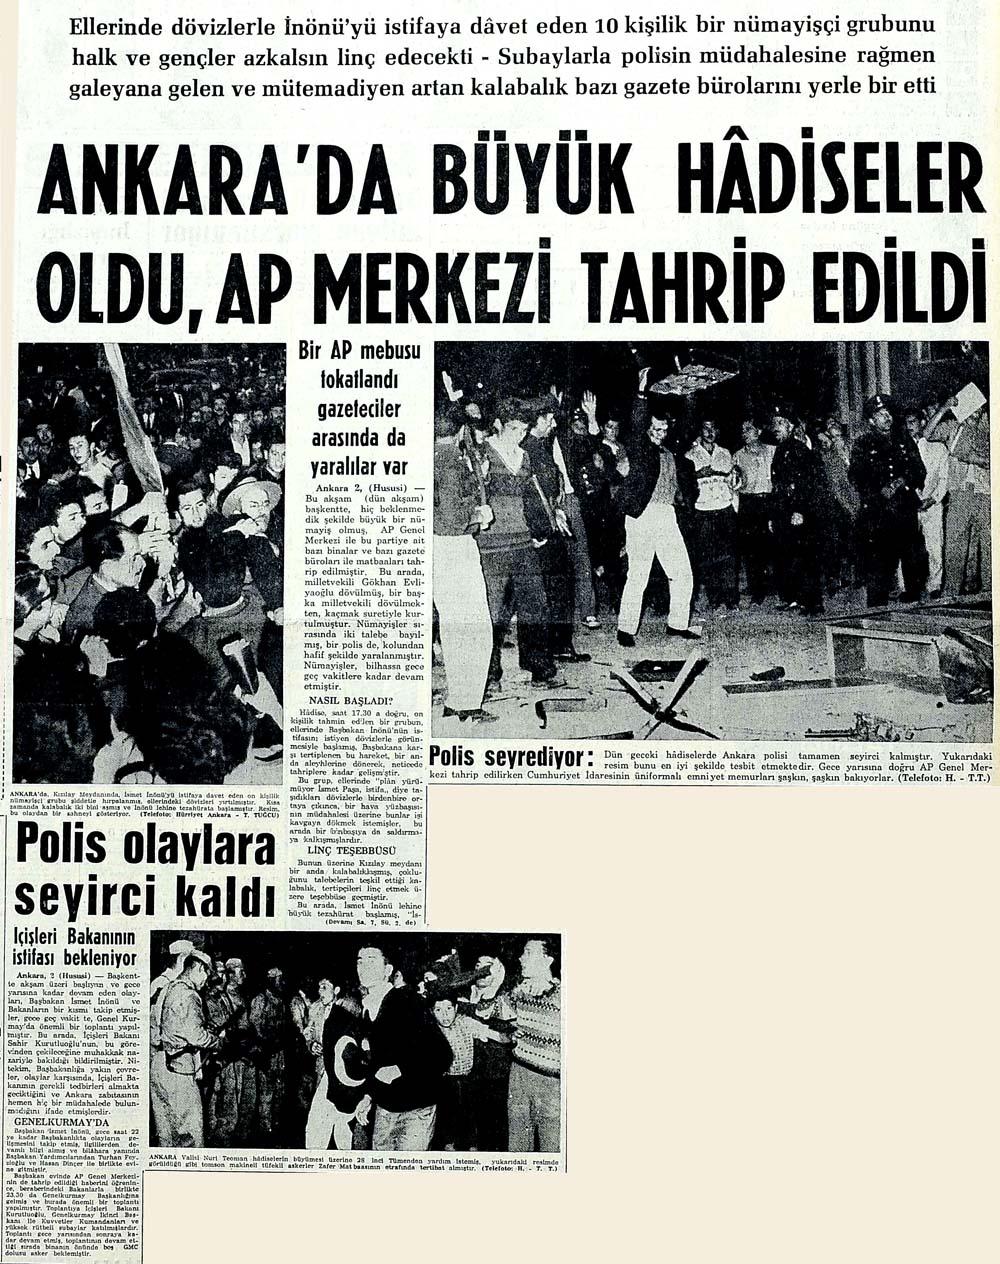 Ankara'da büyük hadiseler oldu, AP Merkezi tahrip edildi